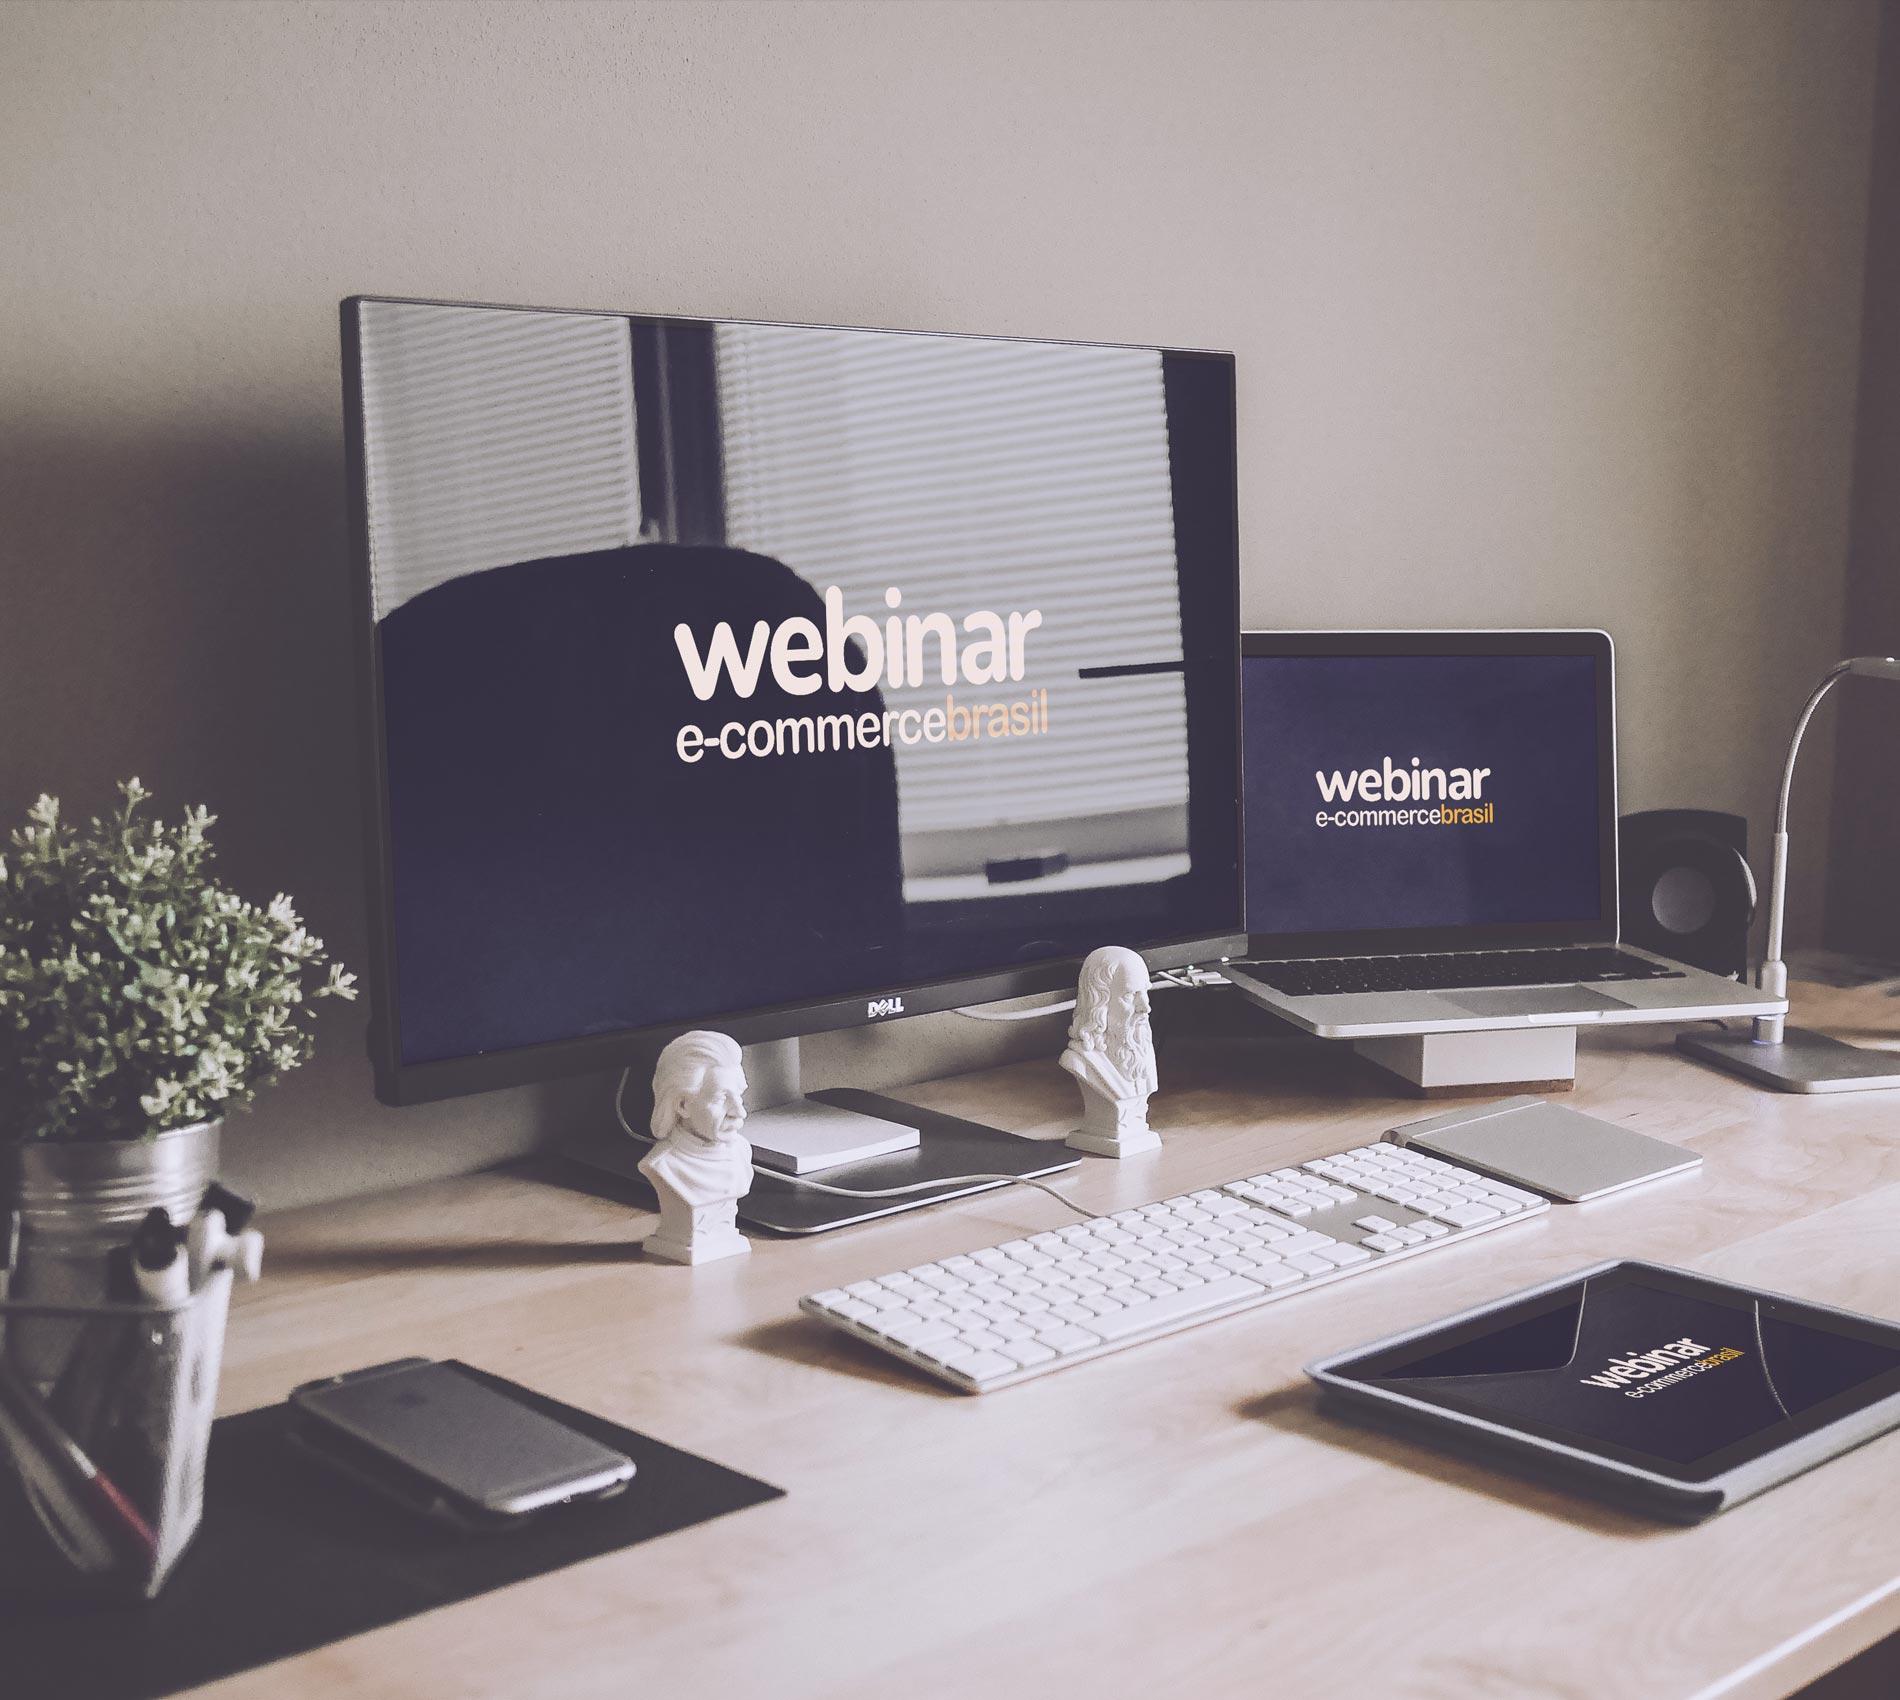 Webinar E-commerce Brasil 2019